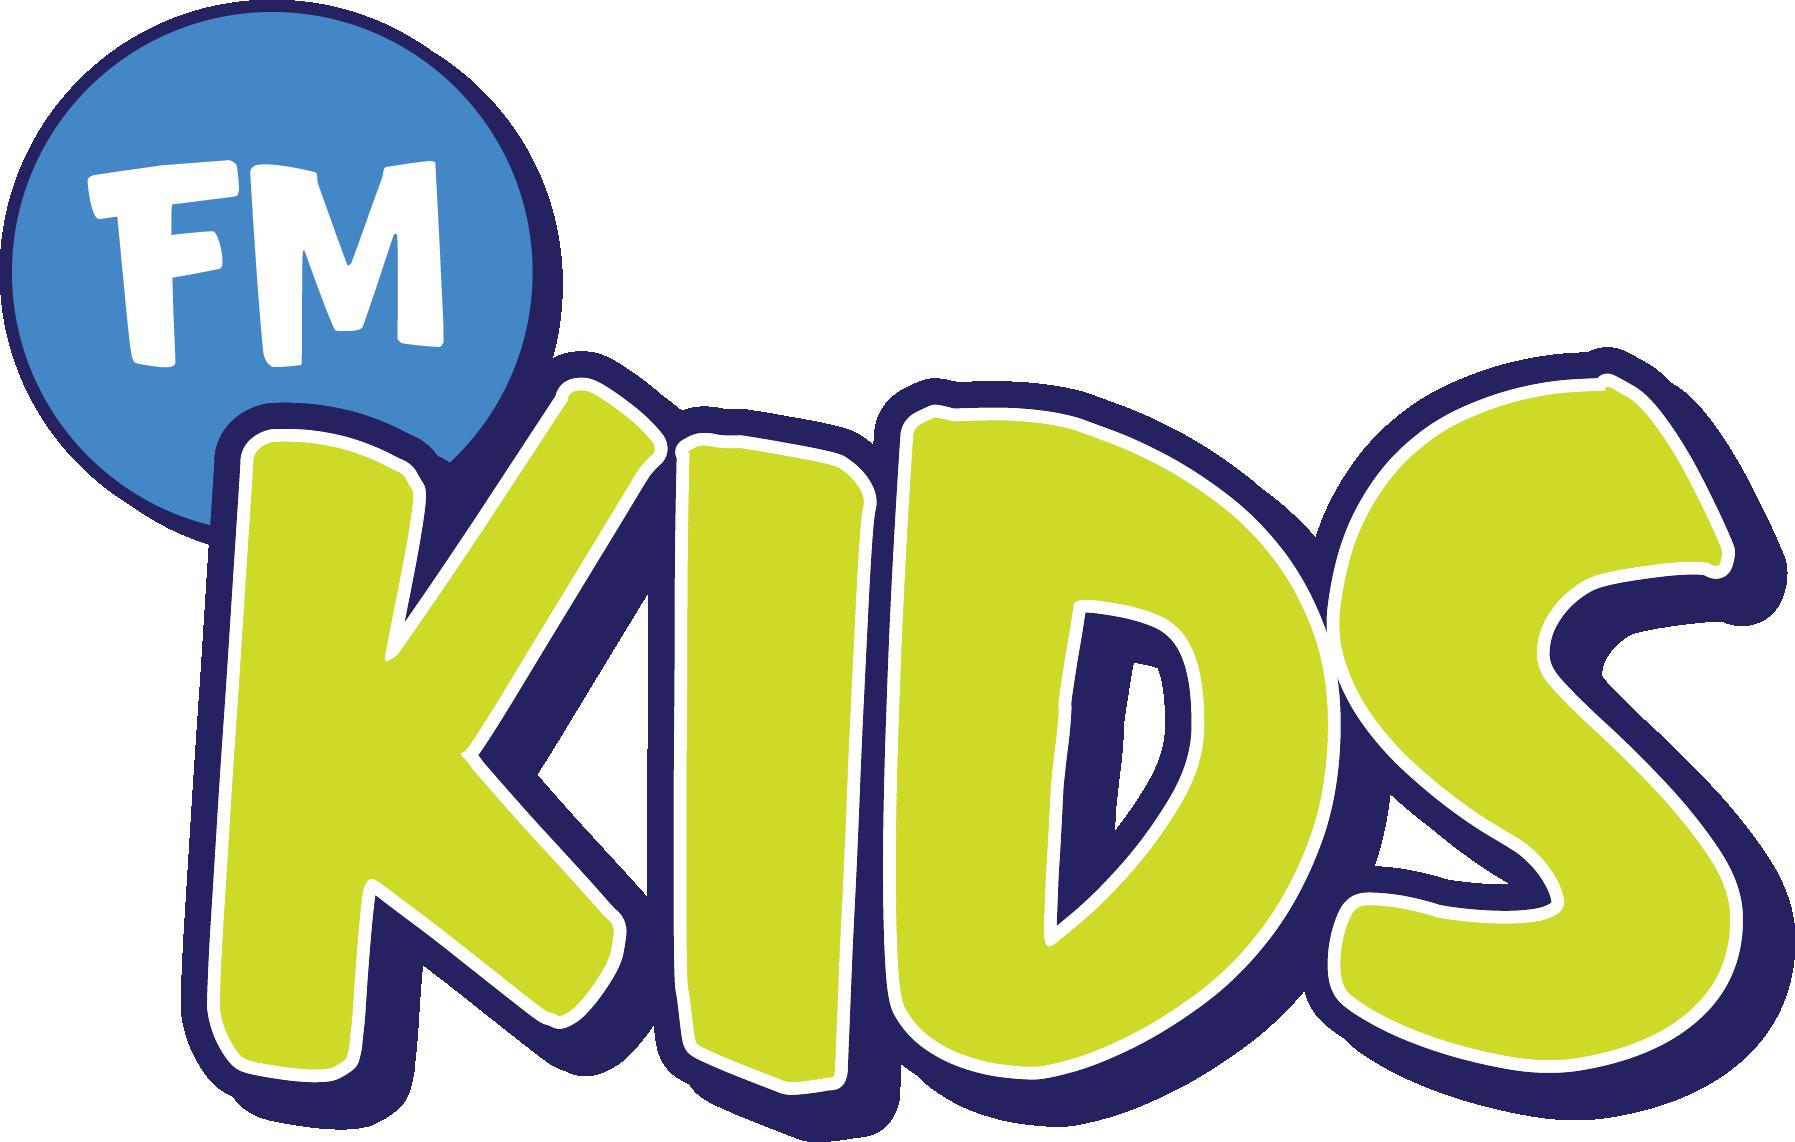 FM Kids.